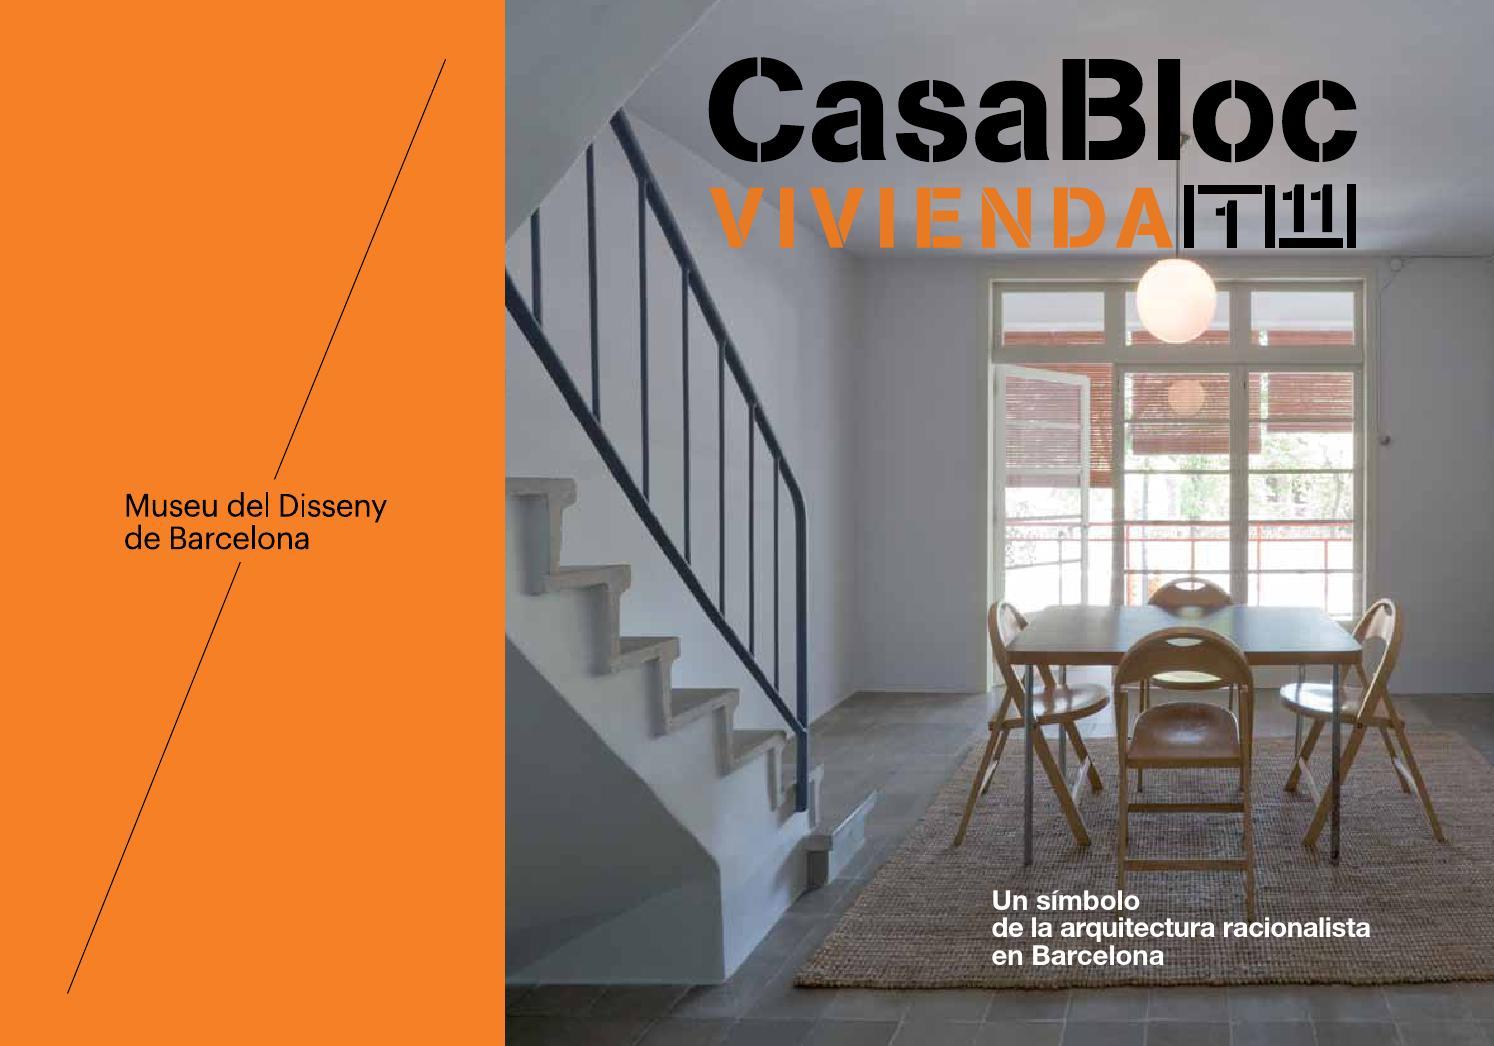 Folleto Piso Museo De La Casa Bloc Vivienda 1 11 Museu Del  # Muebles Pique Lleida